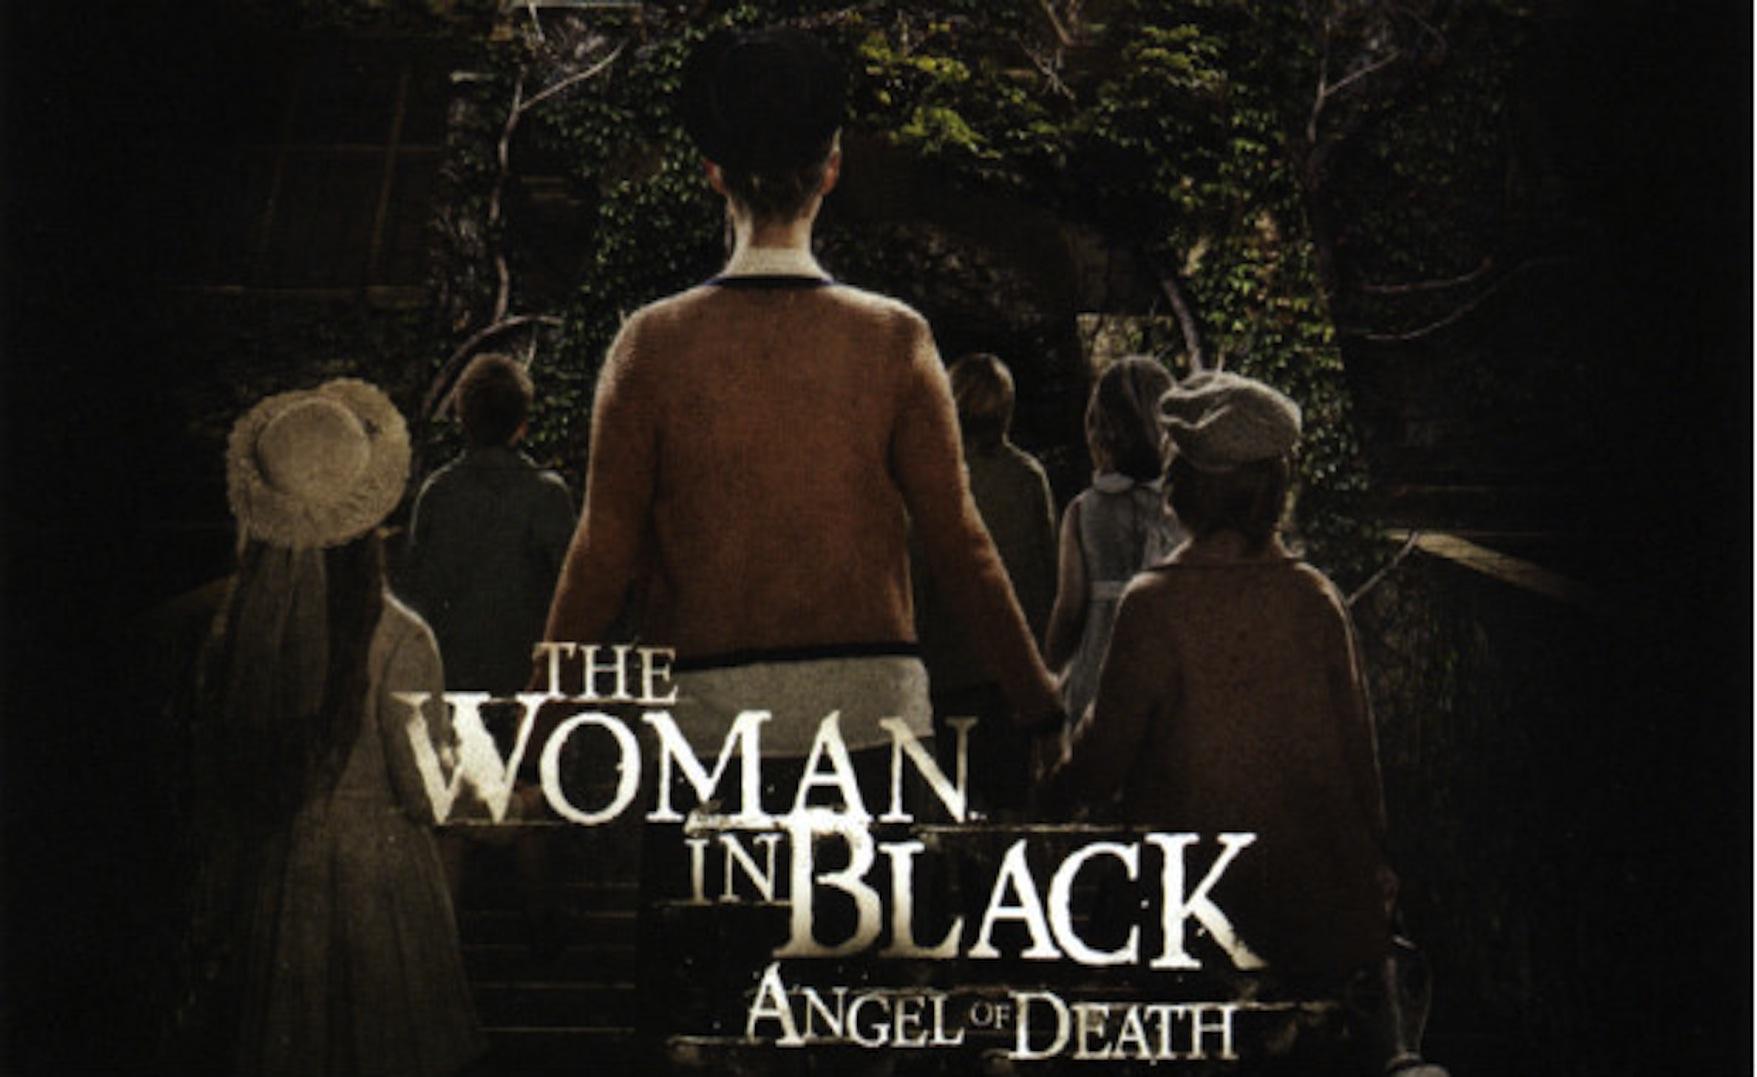 the-woman-in-black-2.jpg